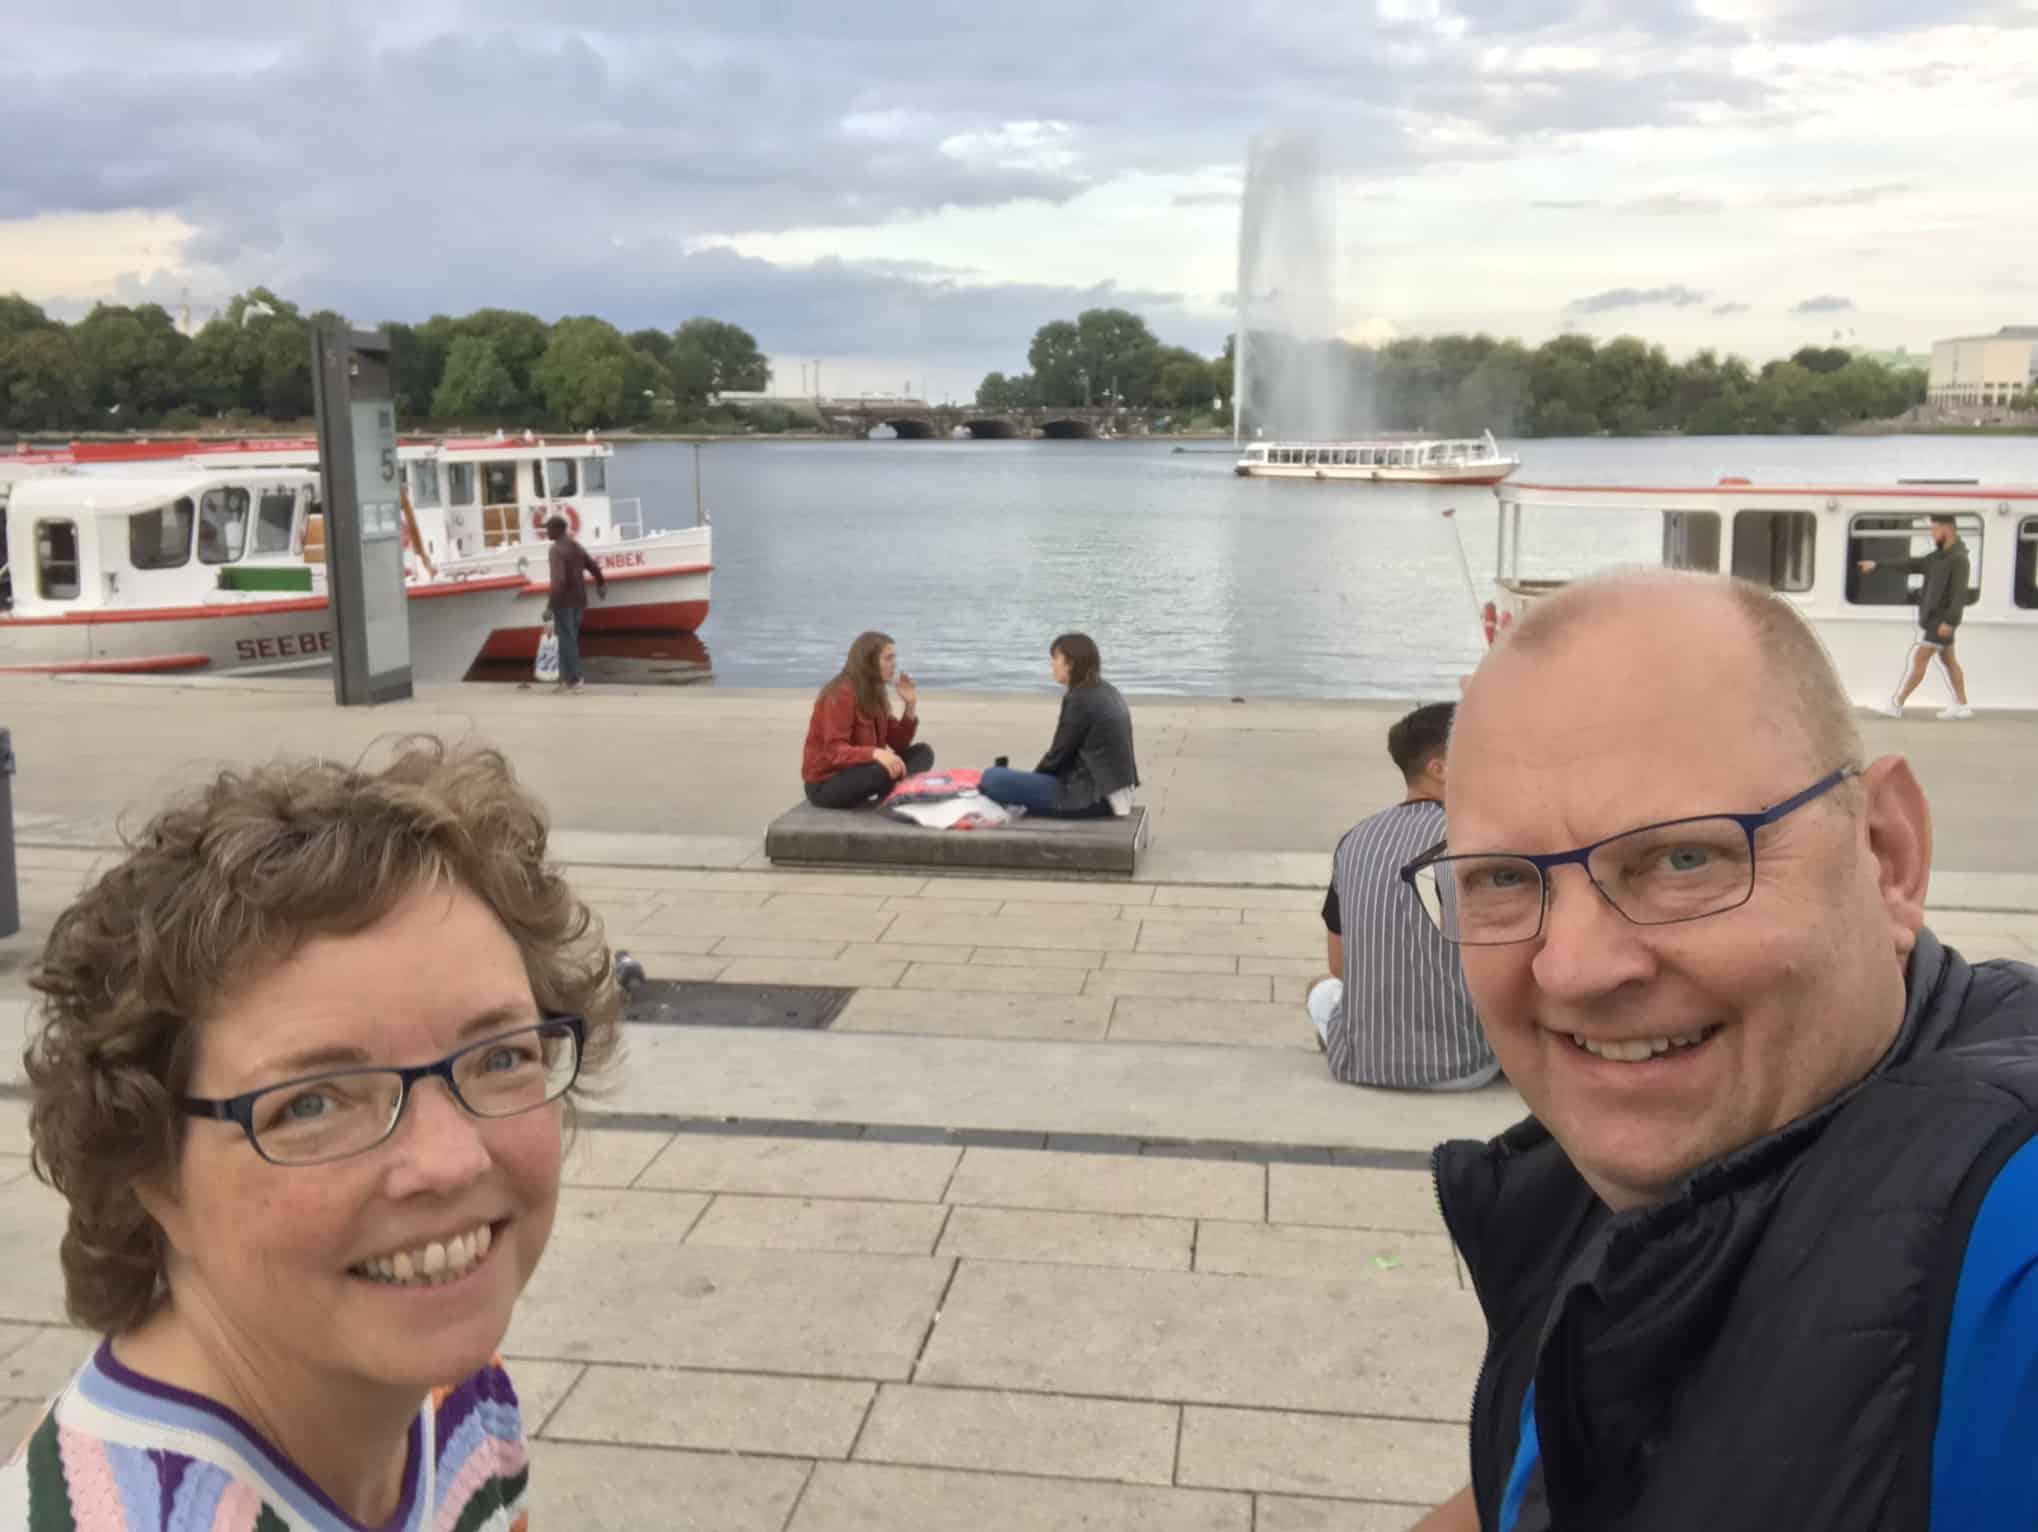 Selfie foran Binnealster og springvandet